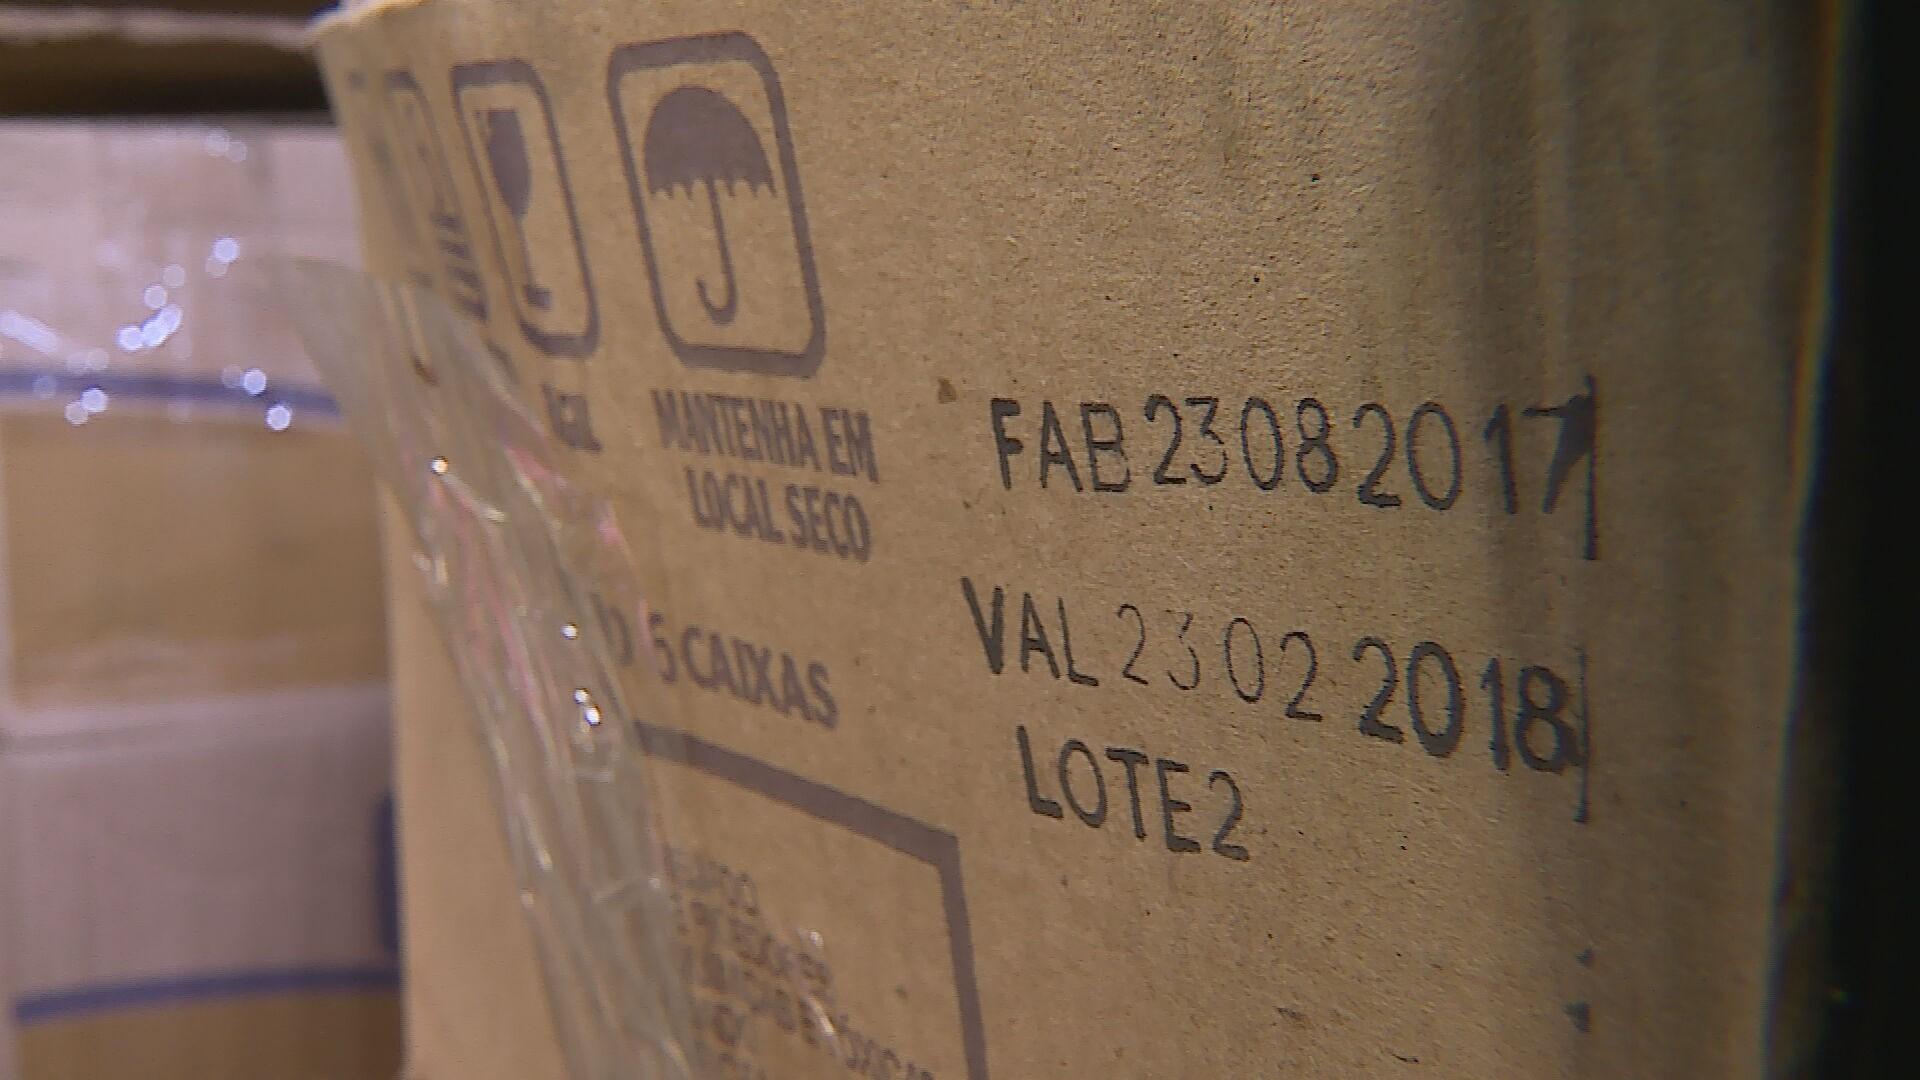 Produtos vencidos são encontrados em galpão, na Região Noroeste de Belo Horizonte